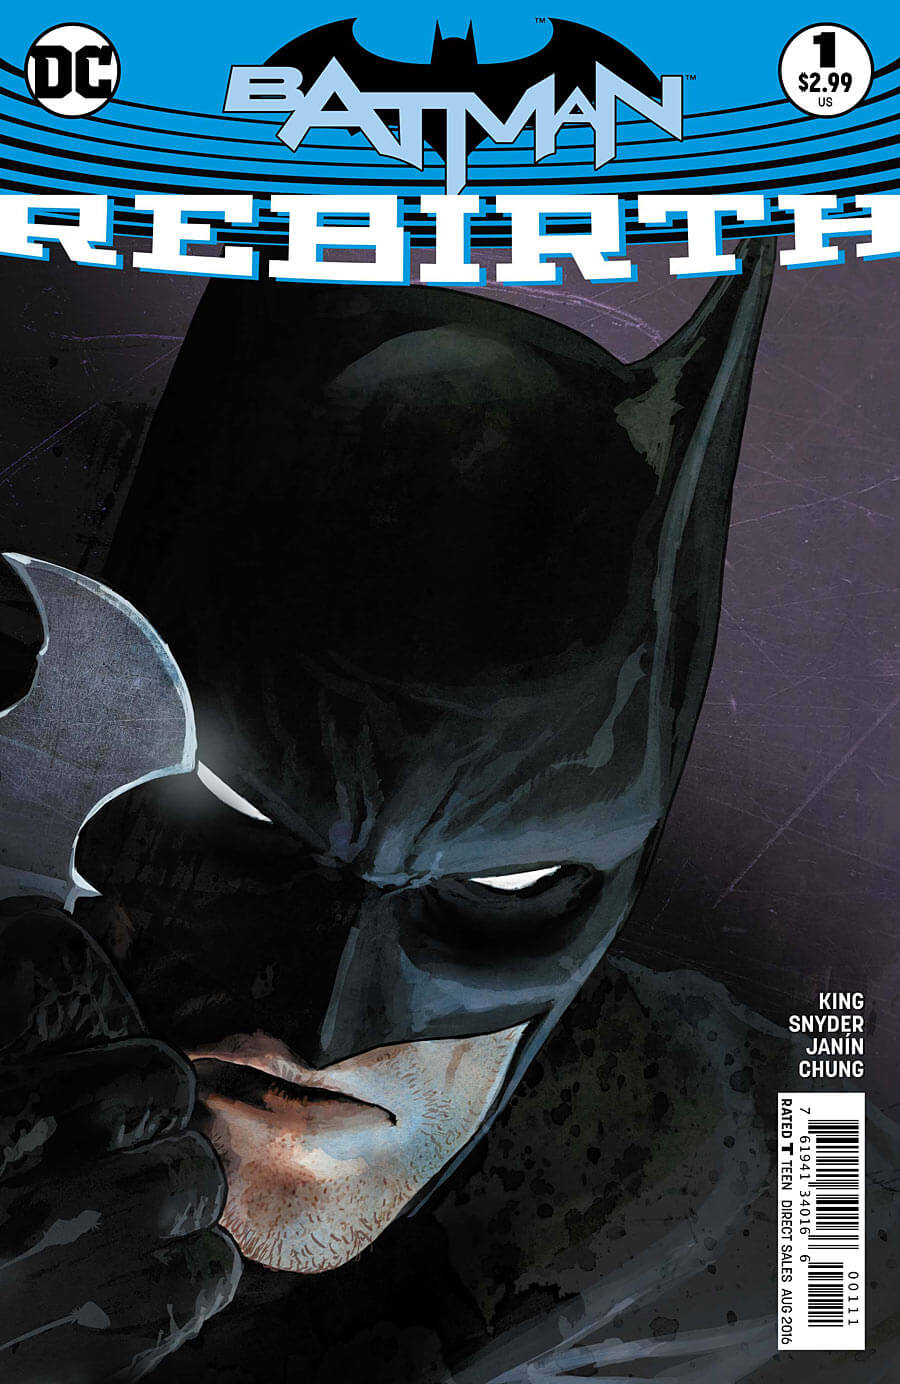 Batman Rebirth #1 Cover